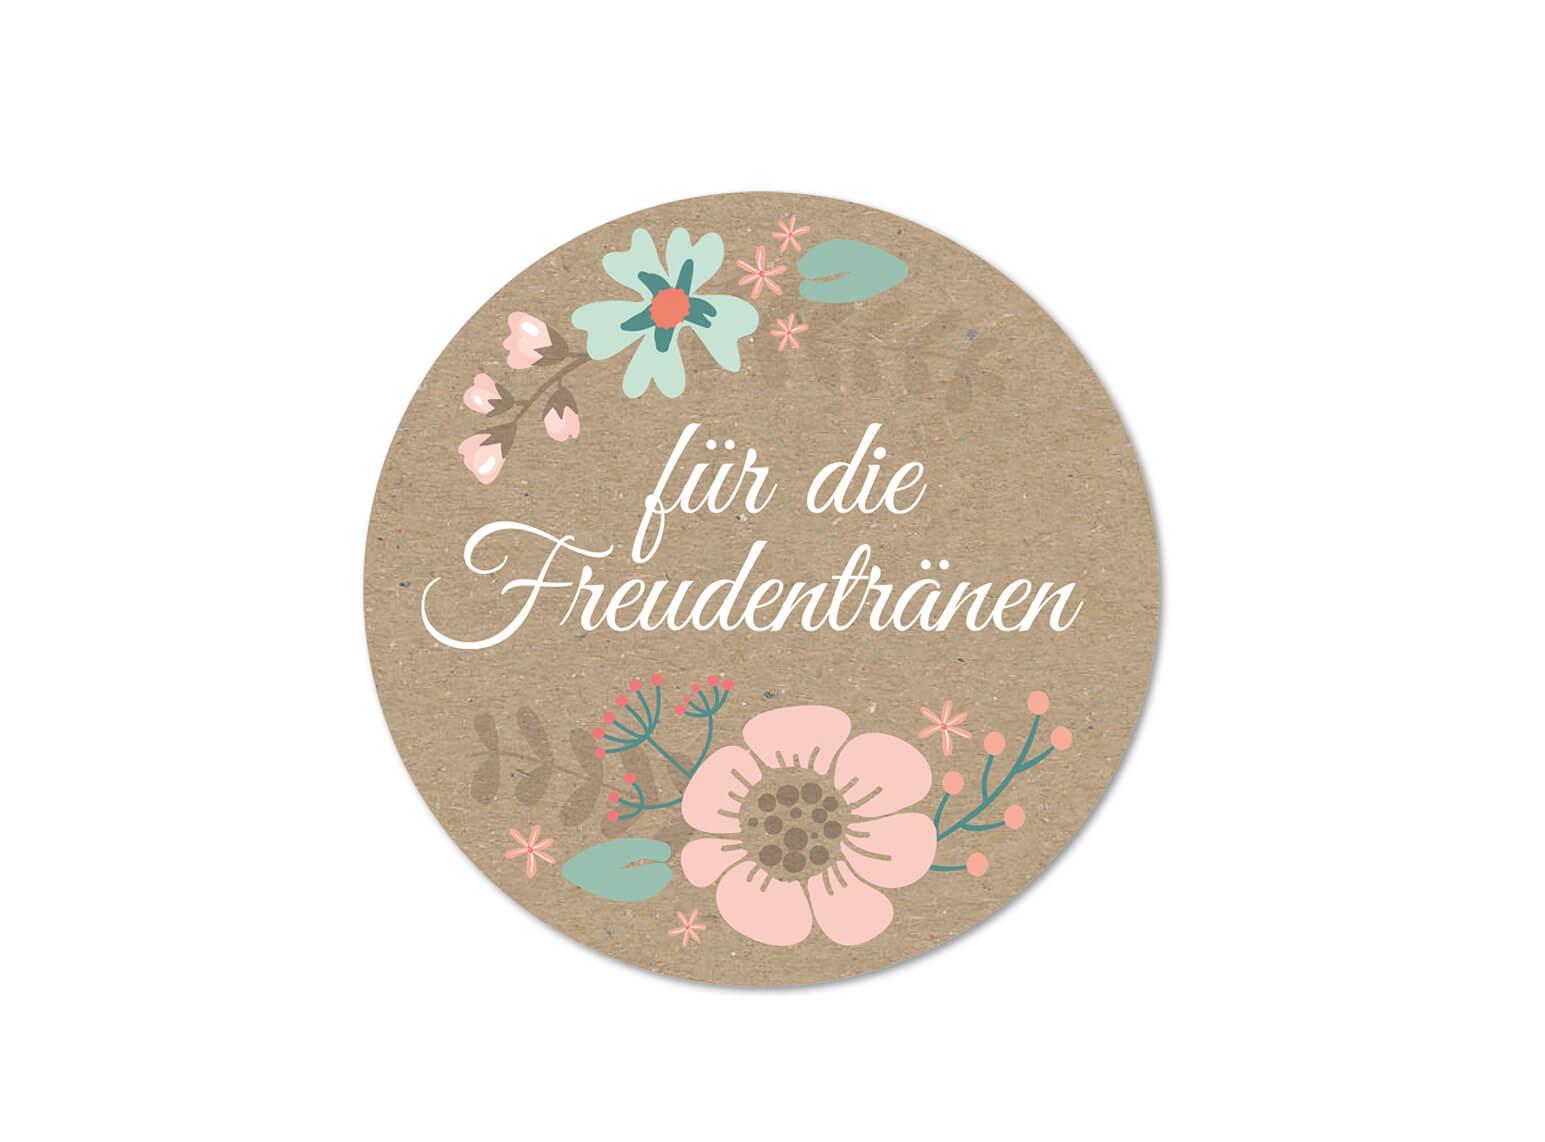 Hochzeit Aufkleber, Freuden tränen, Vintage, Kraftpapier, Blumen Design